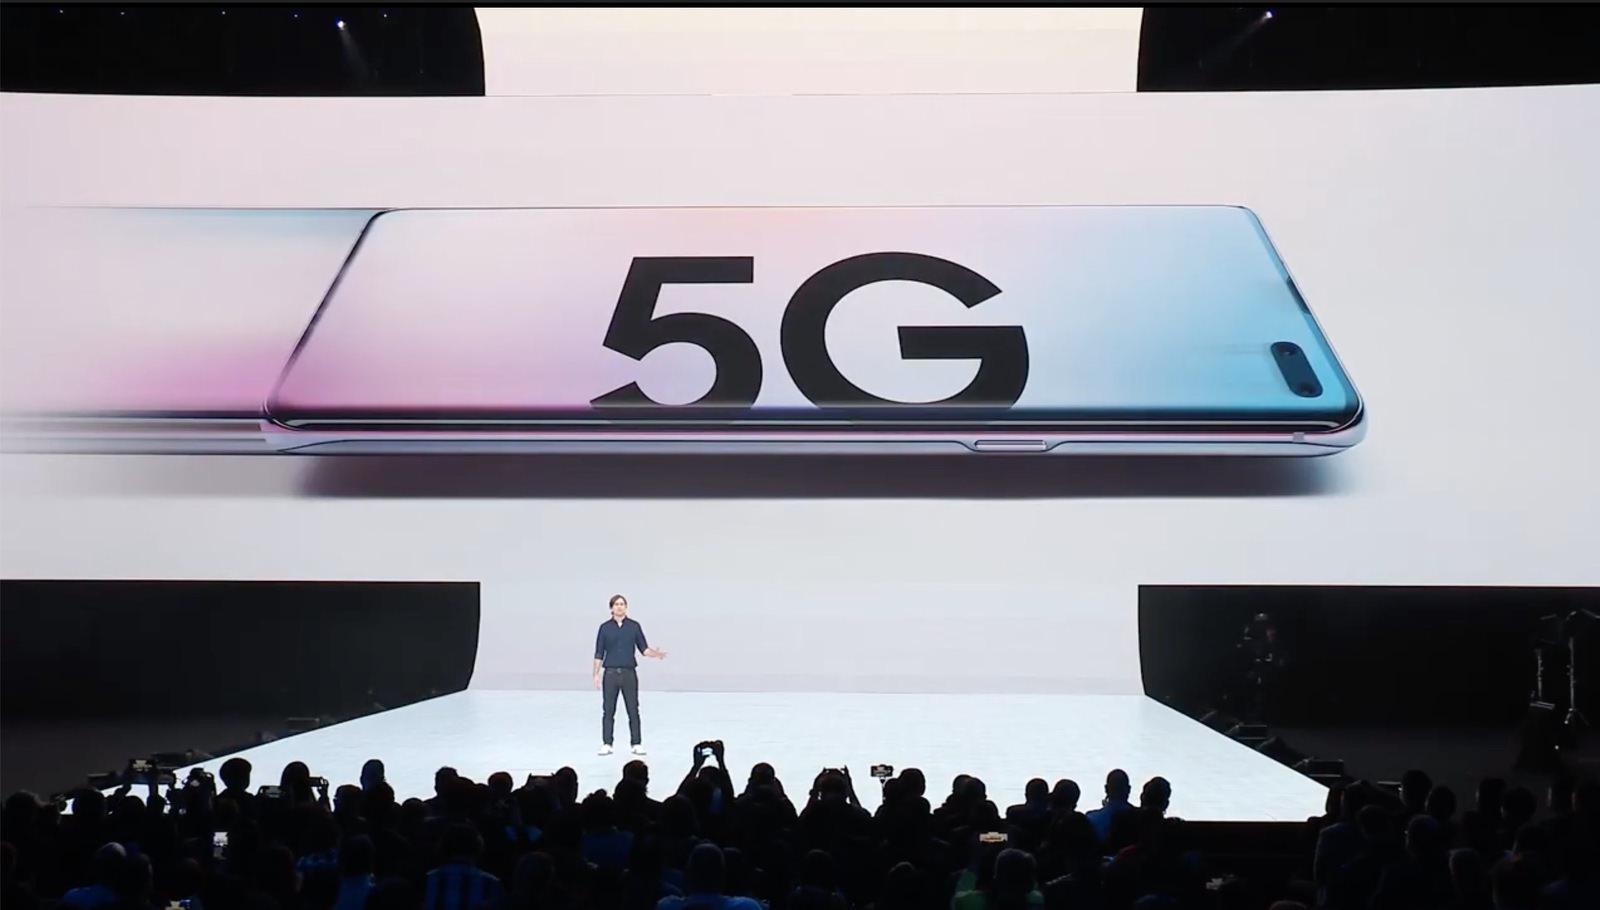 Samsung-Galaxy-S10-5G-05.jpg